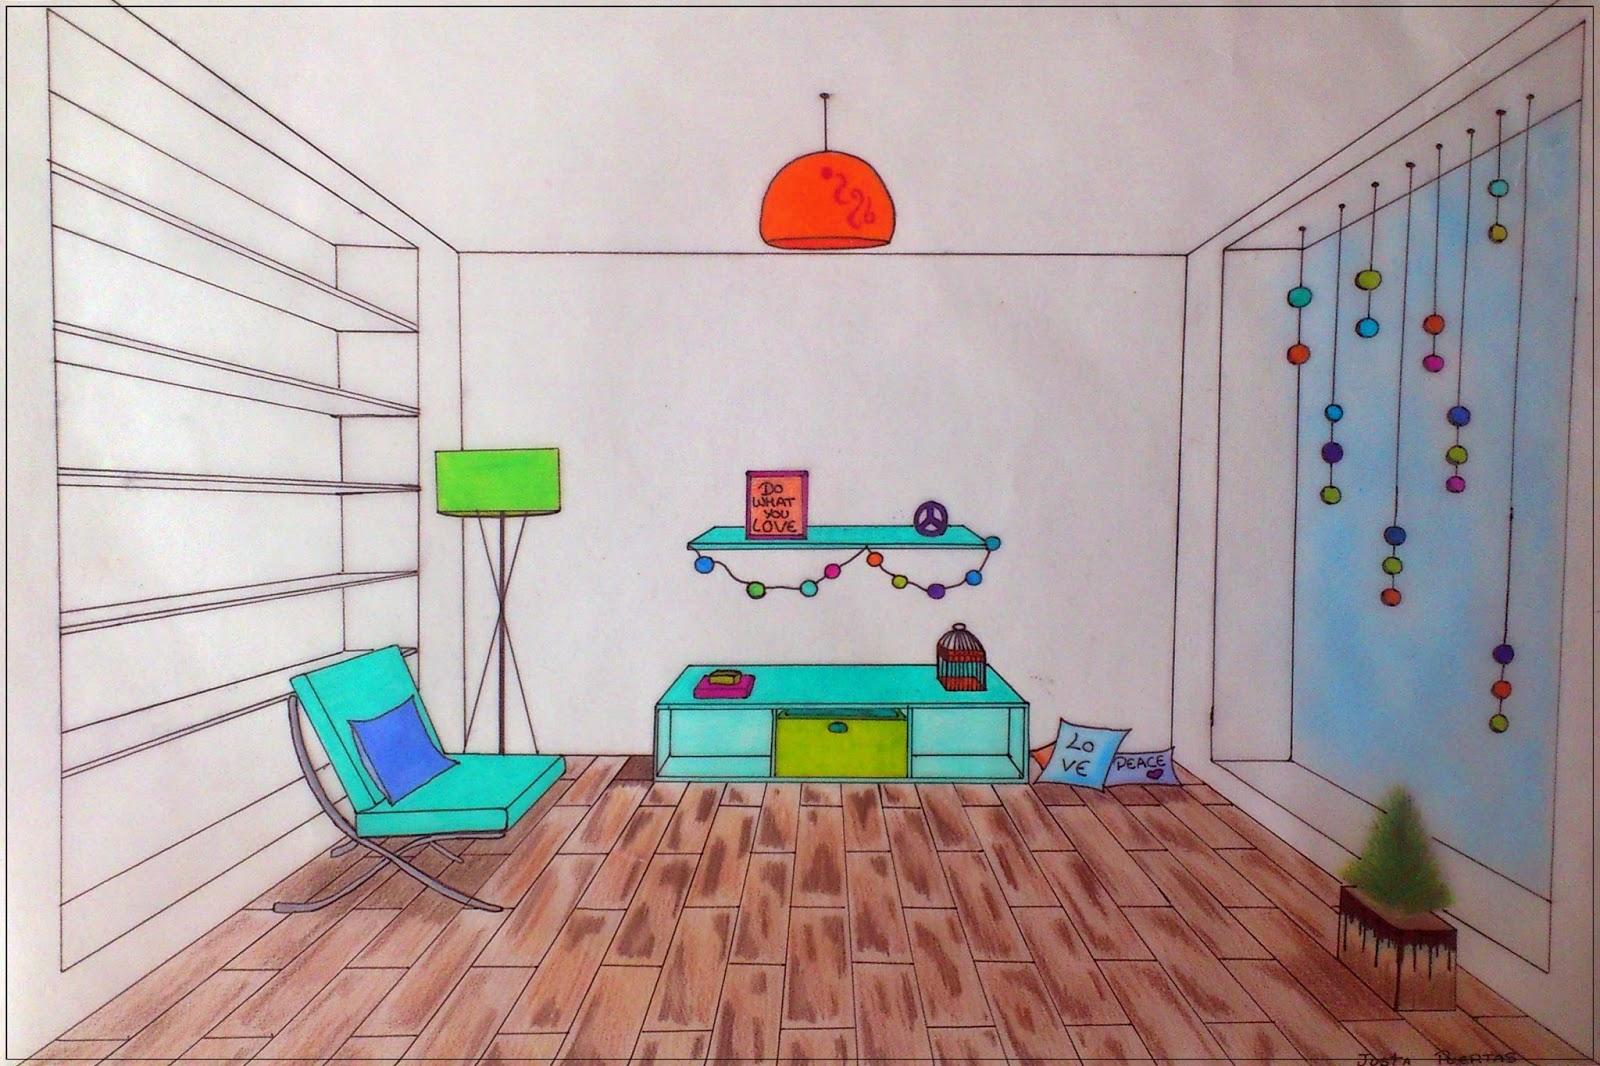 Qu arte quillo perspectivac nica frontal aplicada al dise o de habitaciones por 2eso - Habitacion en perspectiva conica ...